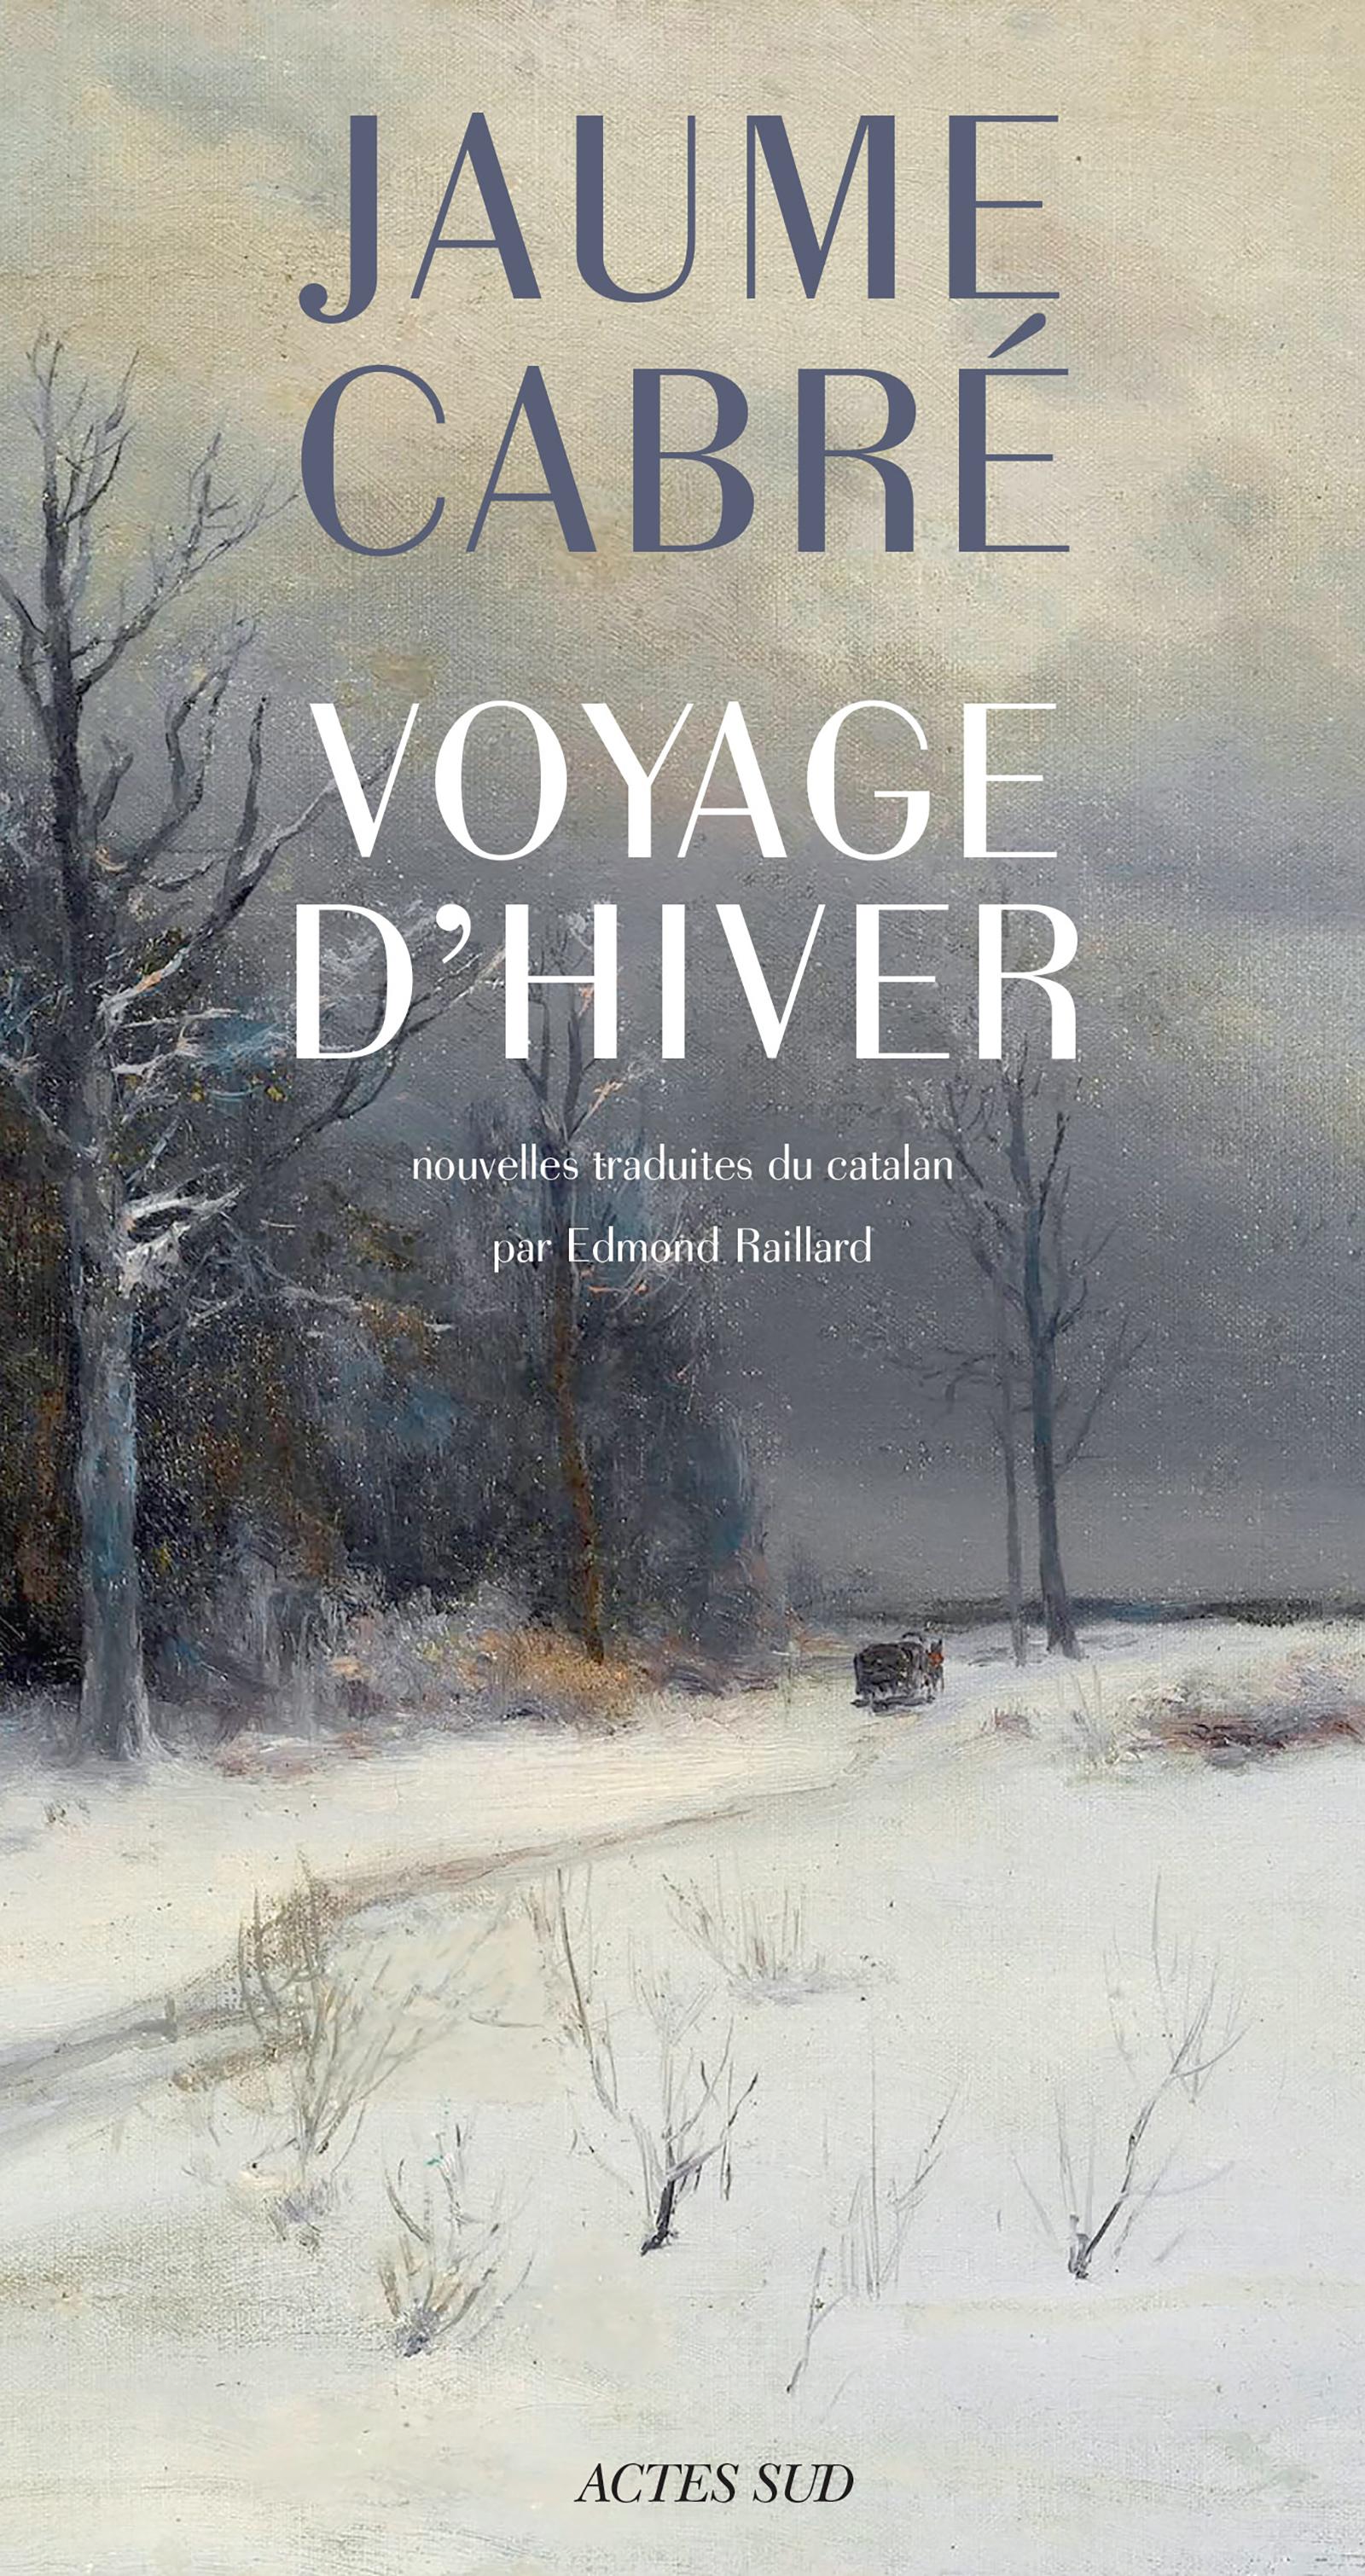 Voyage d'hiver | Cabre, Jaume